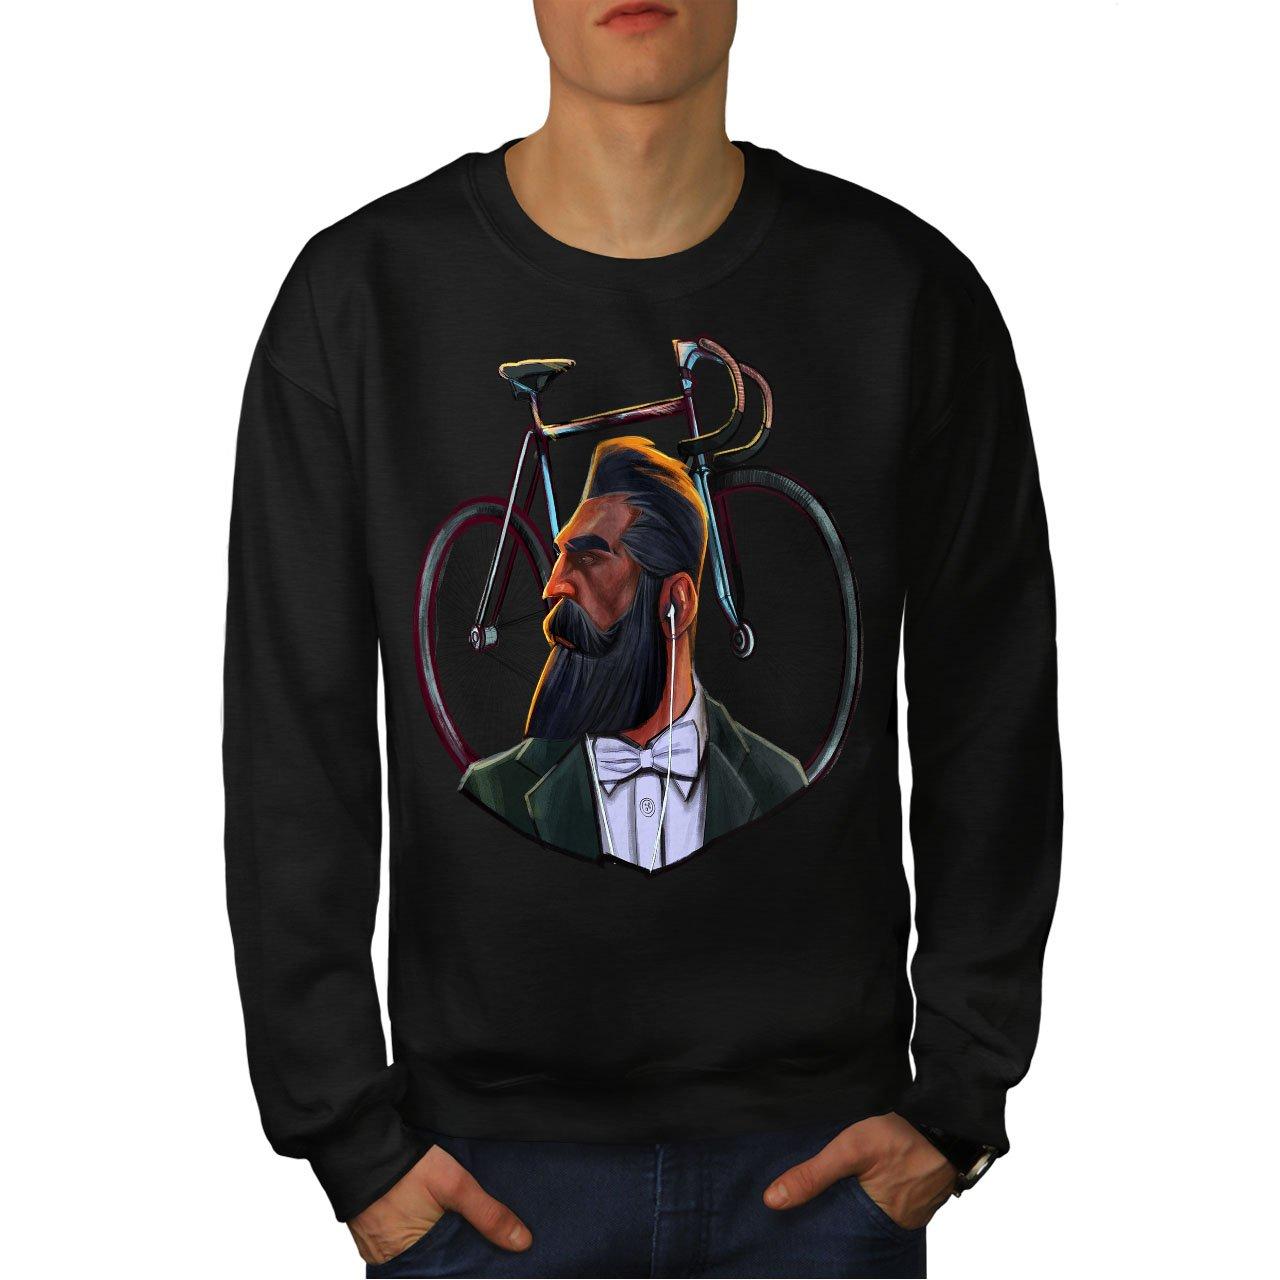 Casual Jumper wellcoda Real Man Gentleman Beard Mens Sweatshirt